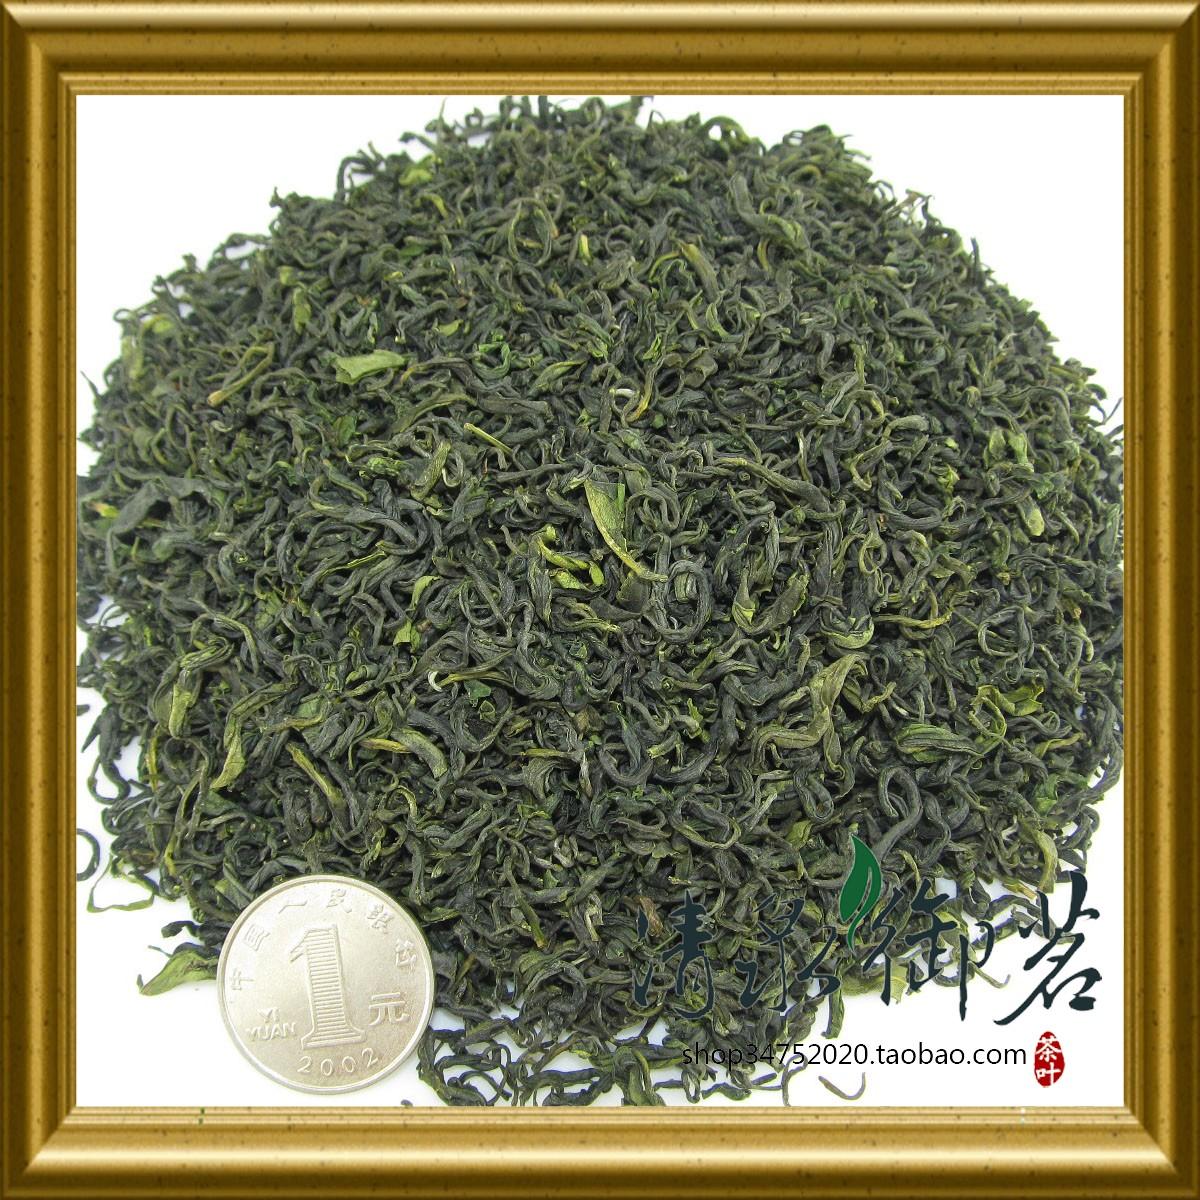 日照绿茶的保健功效及特点介绍图2